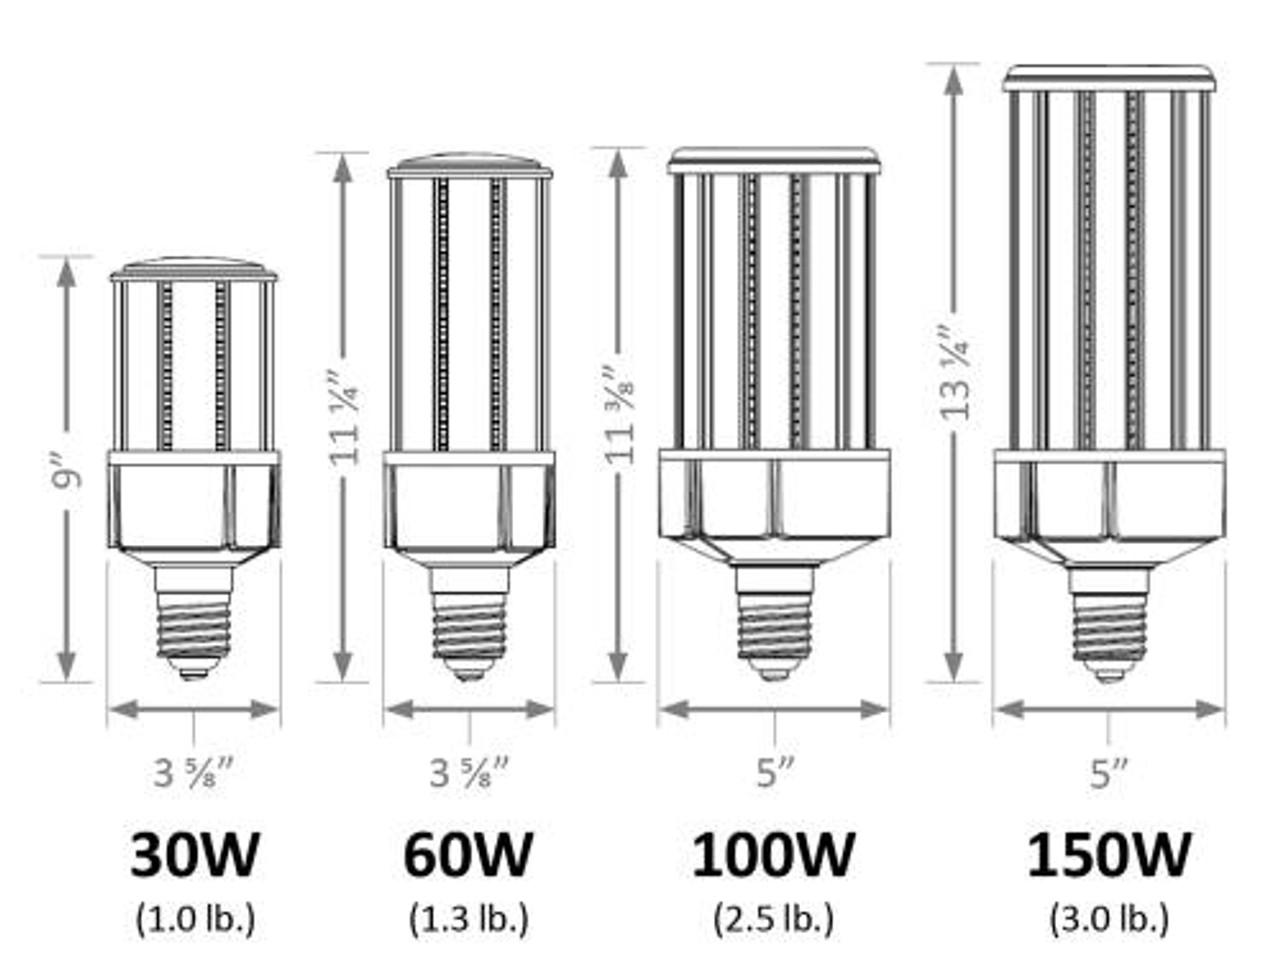 150W LED Corn Bulb 17952  lumens, 5000 kelvin, 120-277V, Mogul Base (E39) - (UL+DLC)